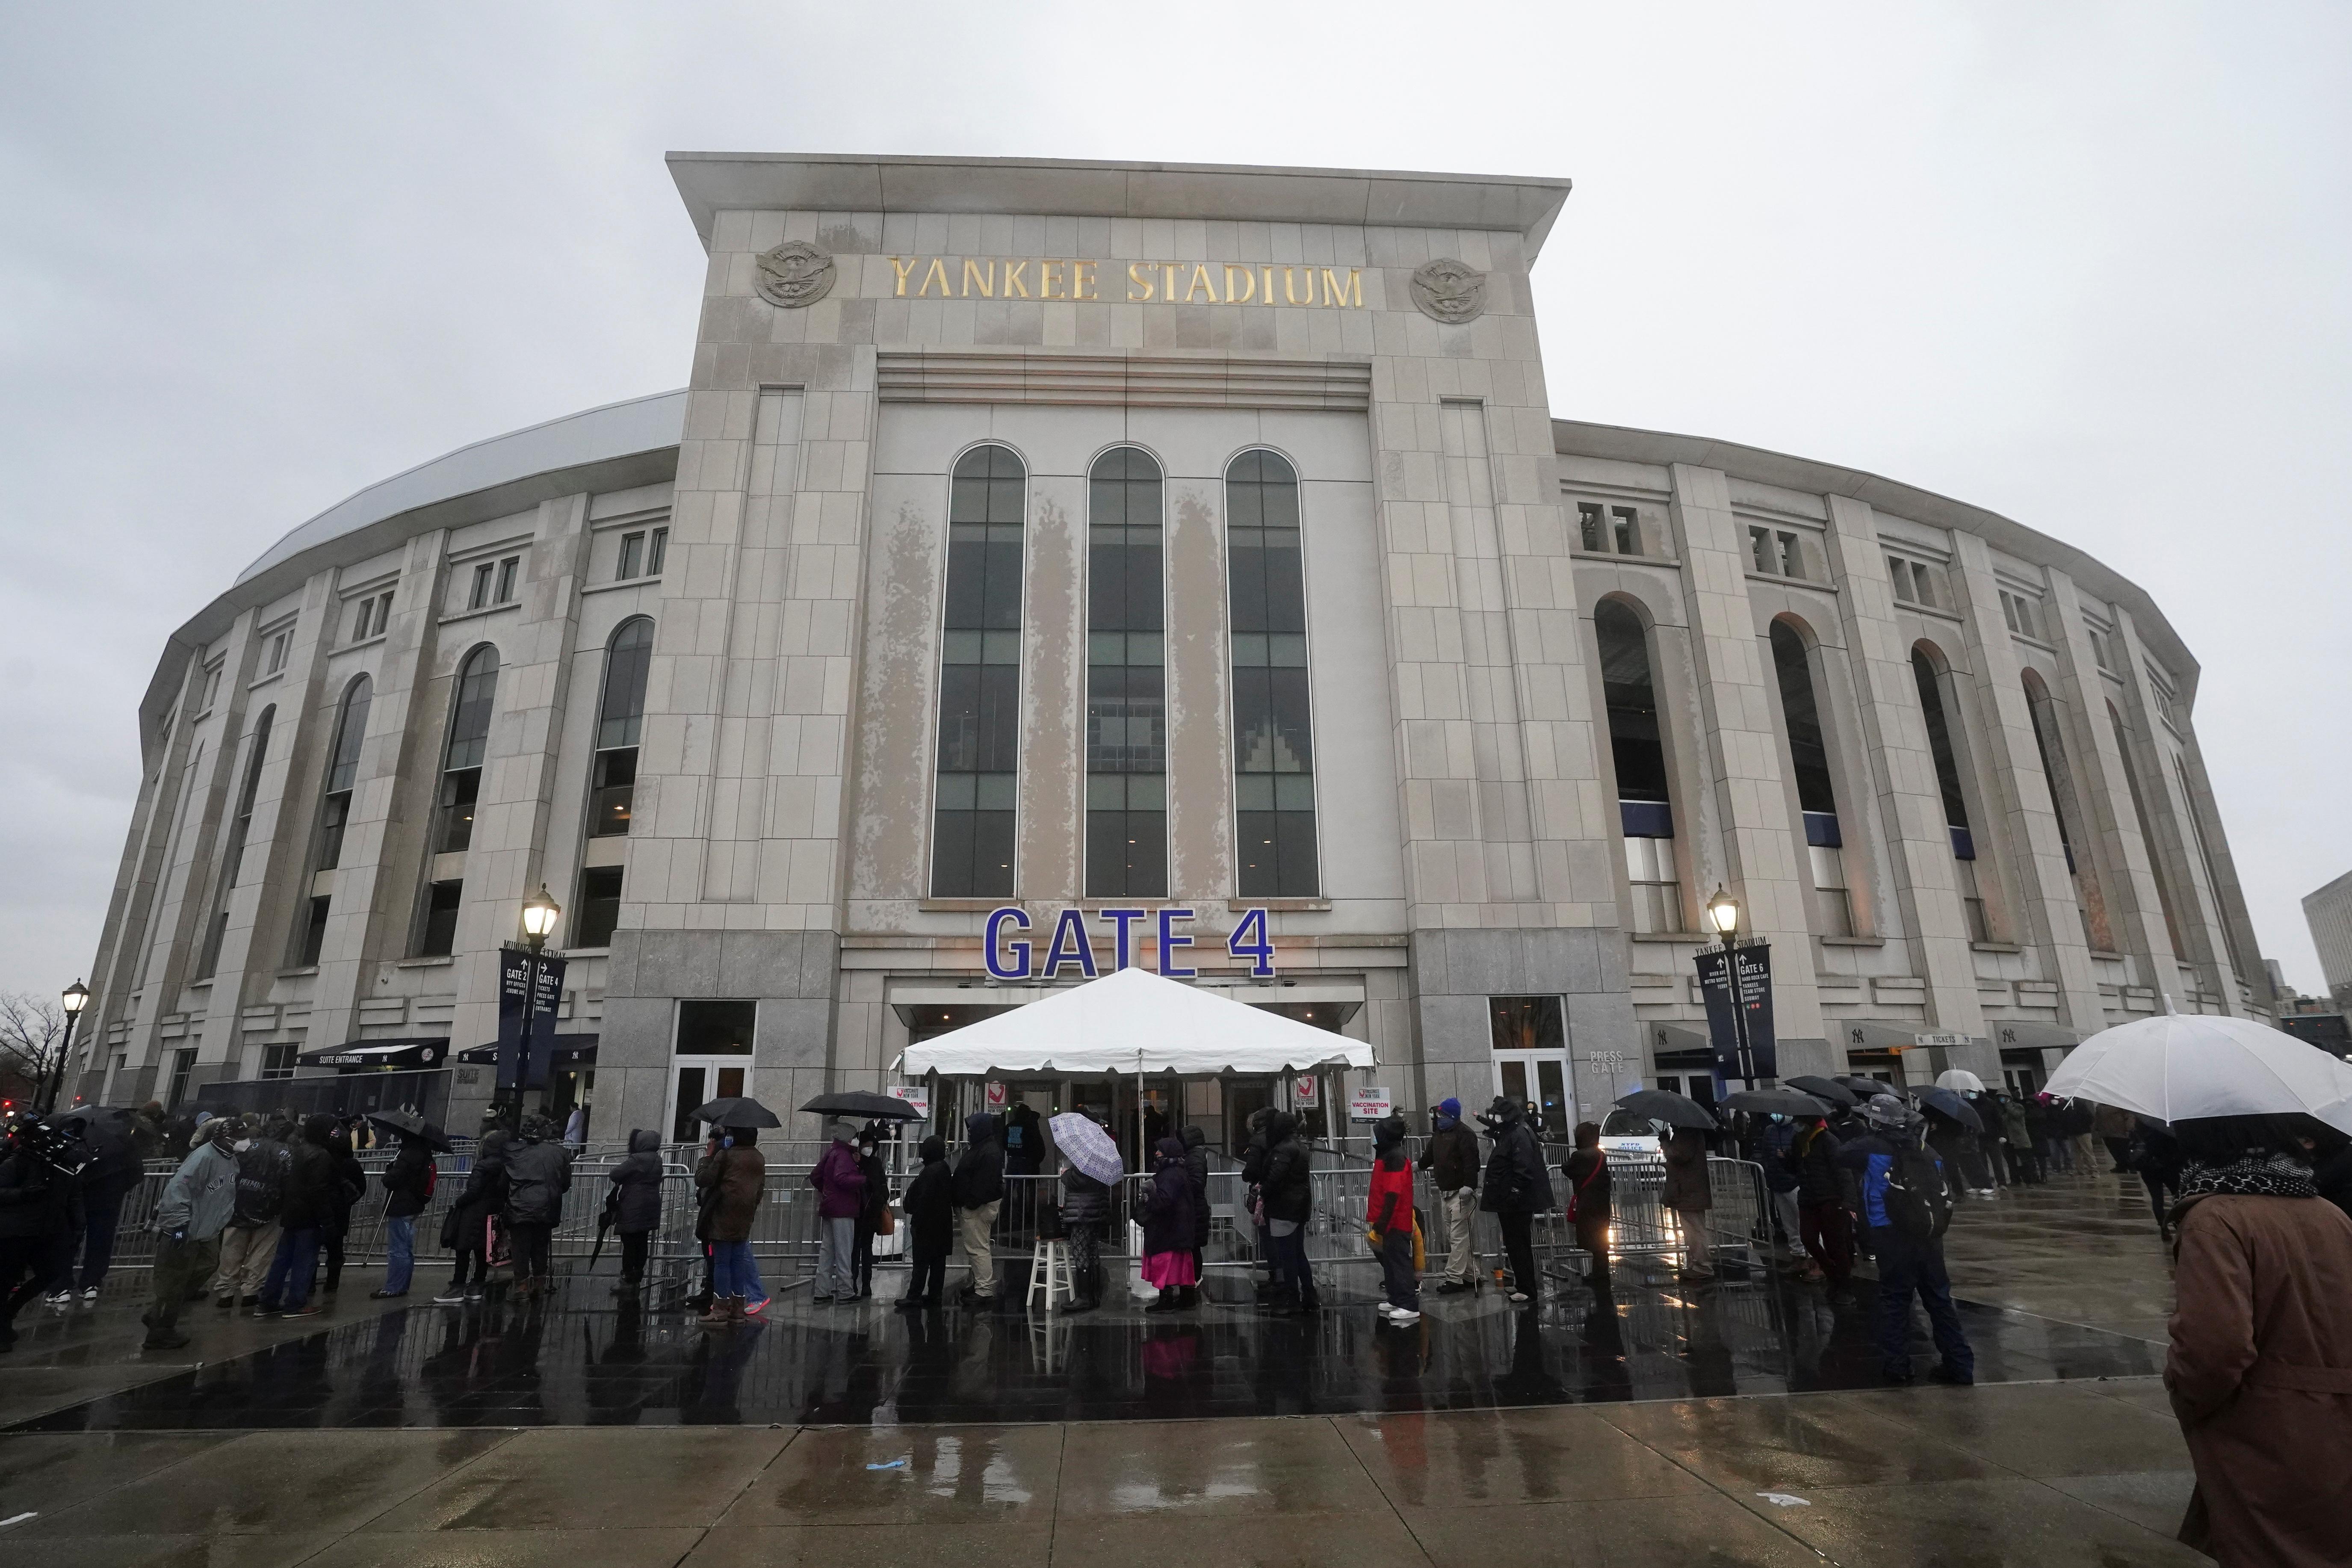 Yankee Stadium, New York City, US